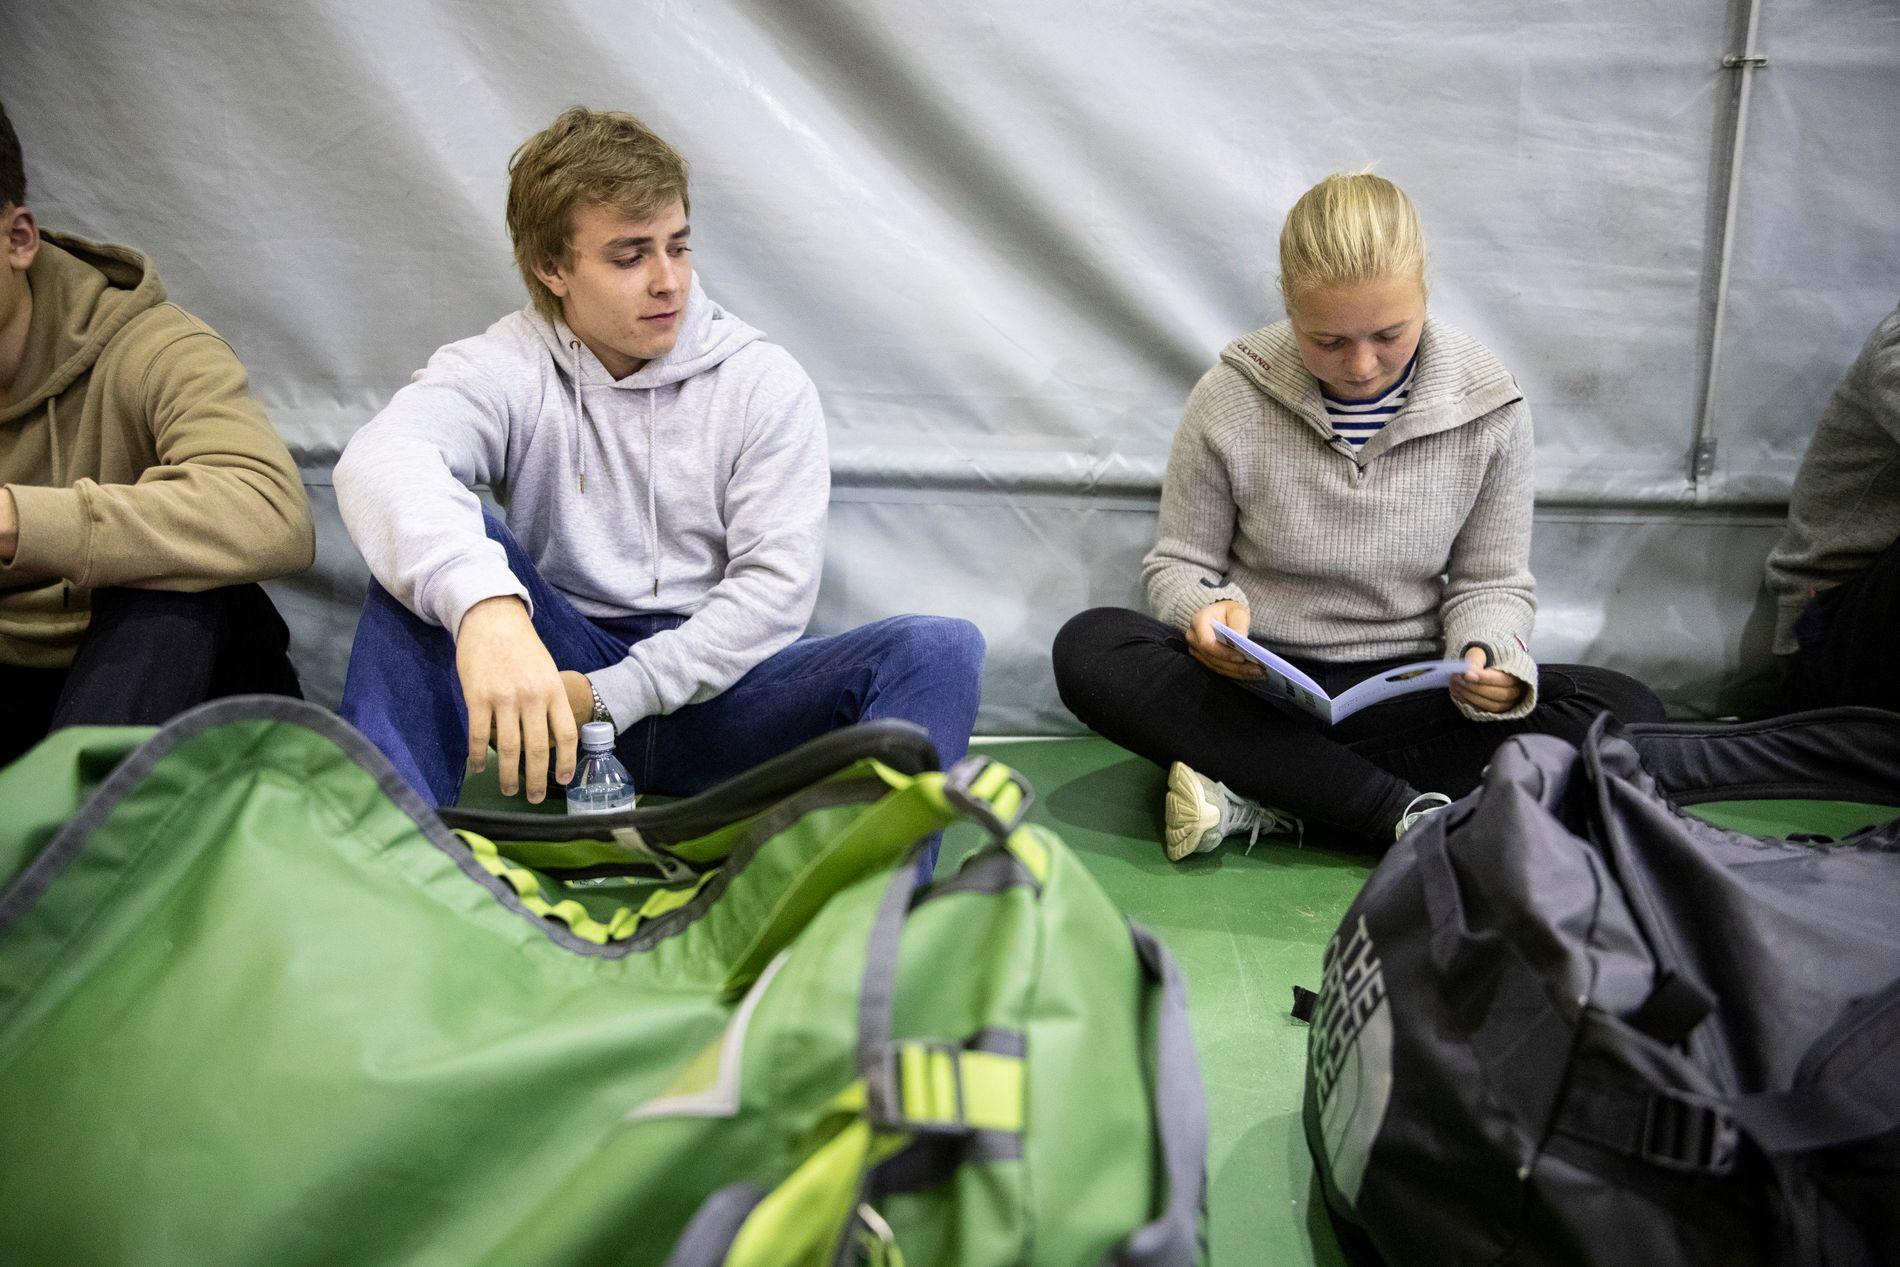 RYKKER INN: Trym Hallingby og Hedda Horn Rønneberg sitter i gymsalen på Sessvollmoen, på vei inn i militæret.